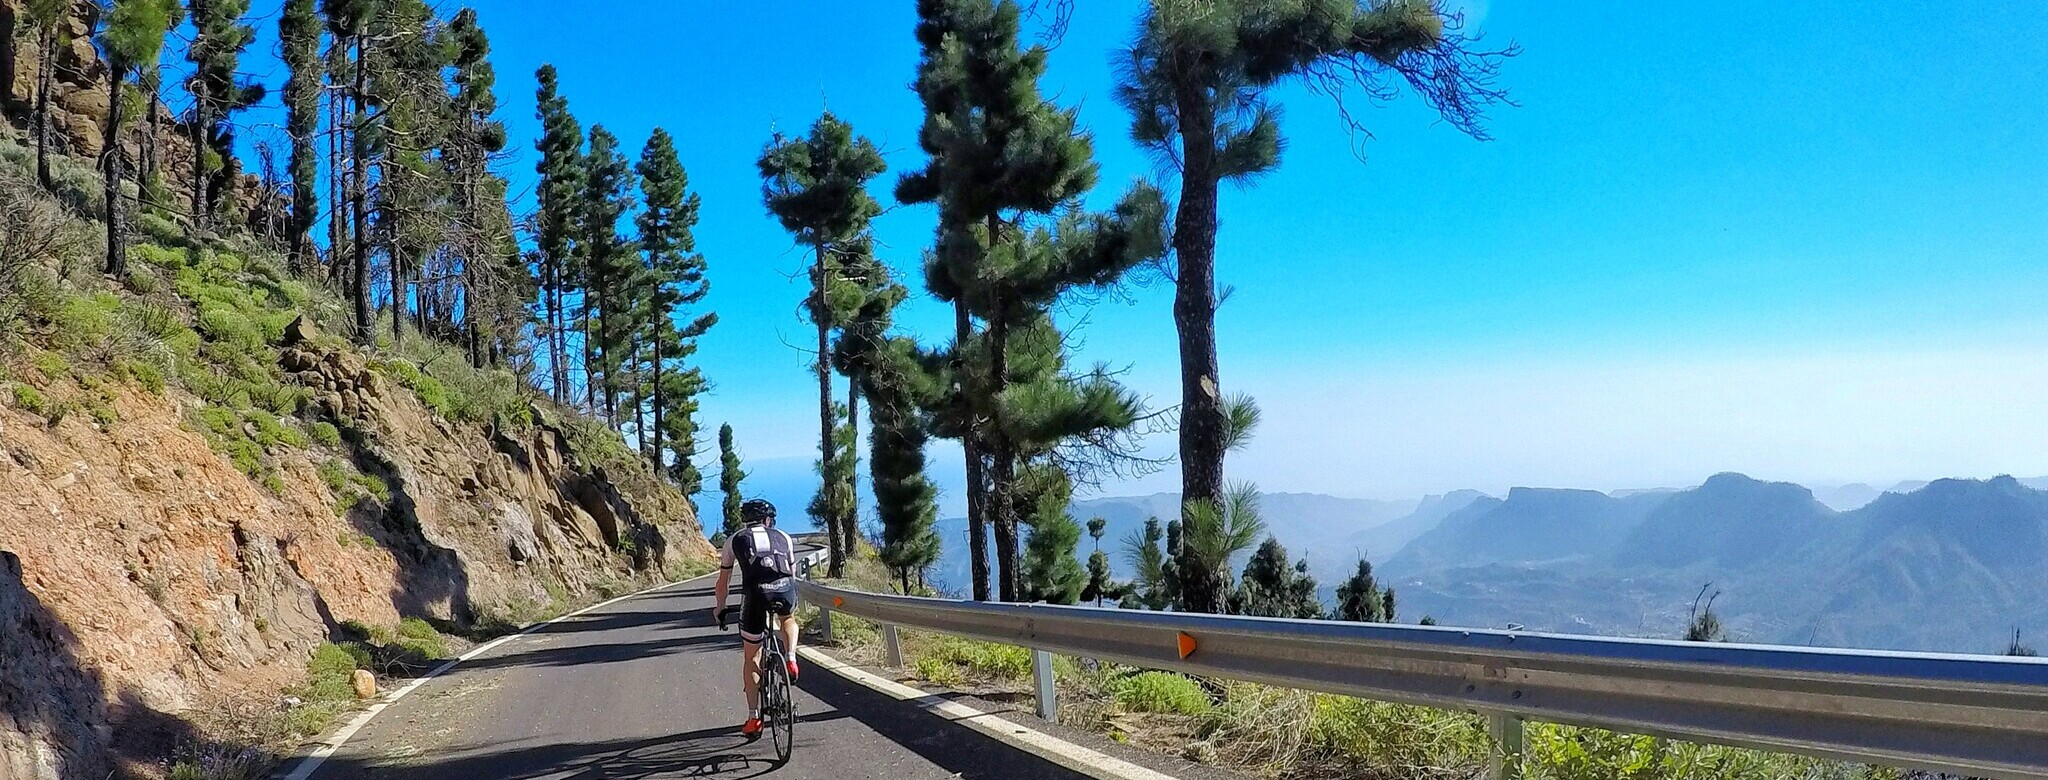 Unterwegs im Radsportparadies